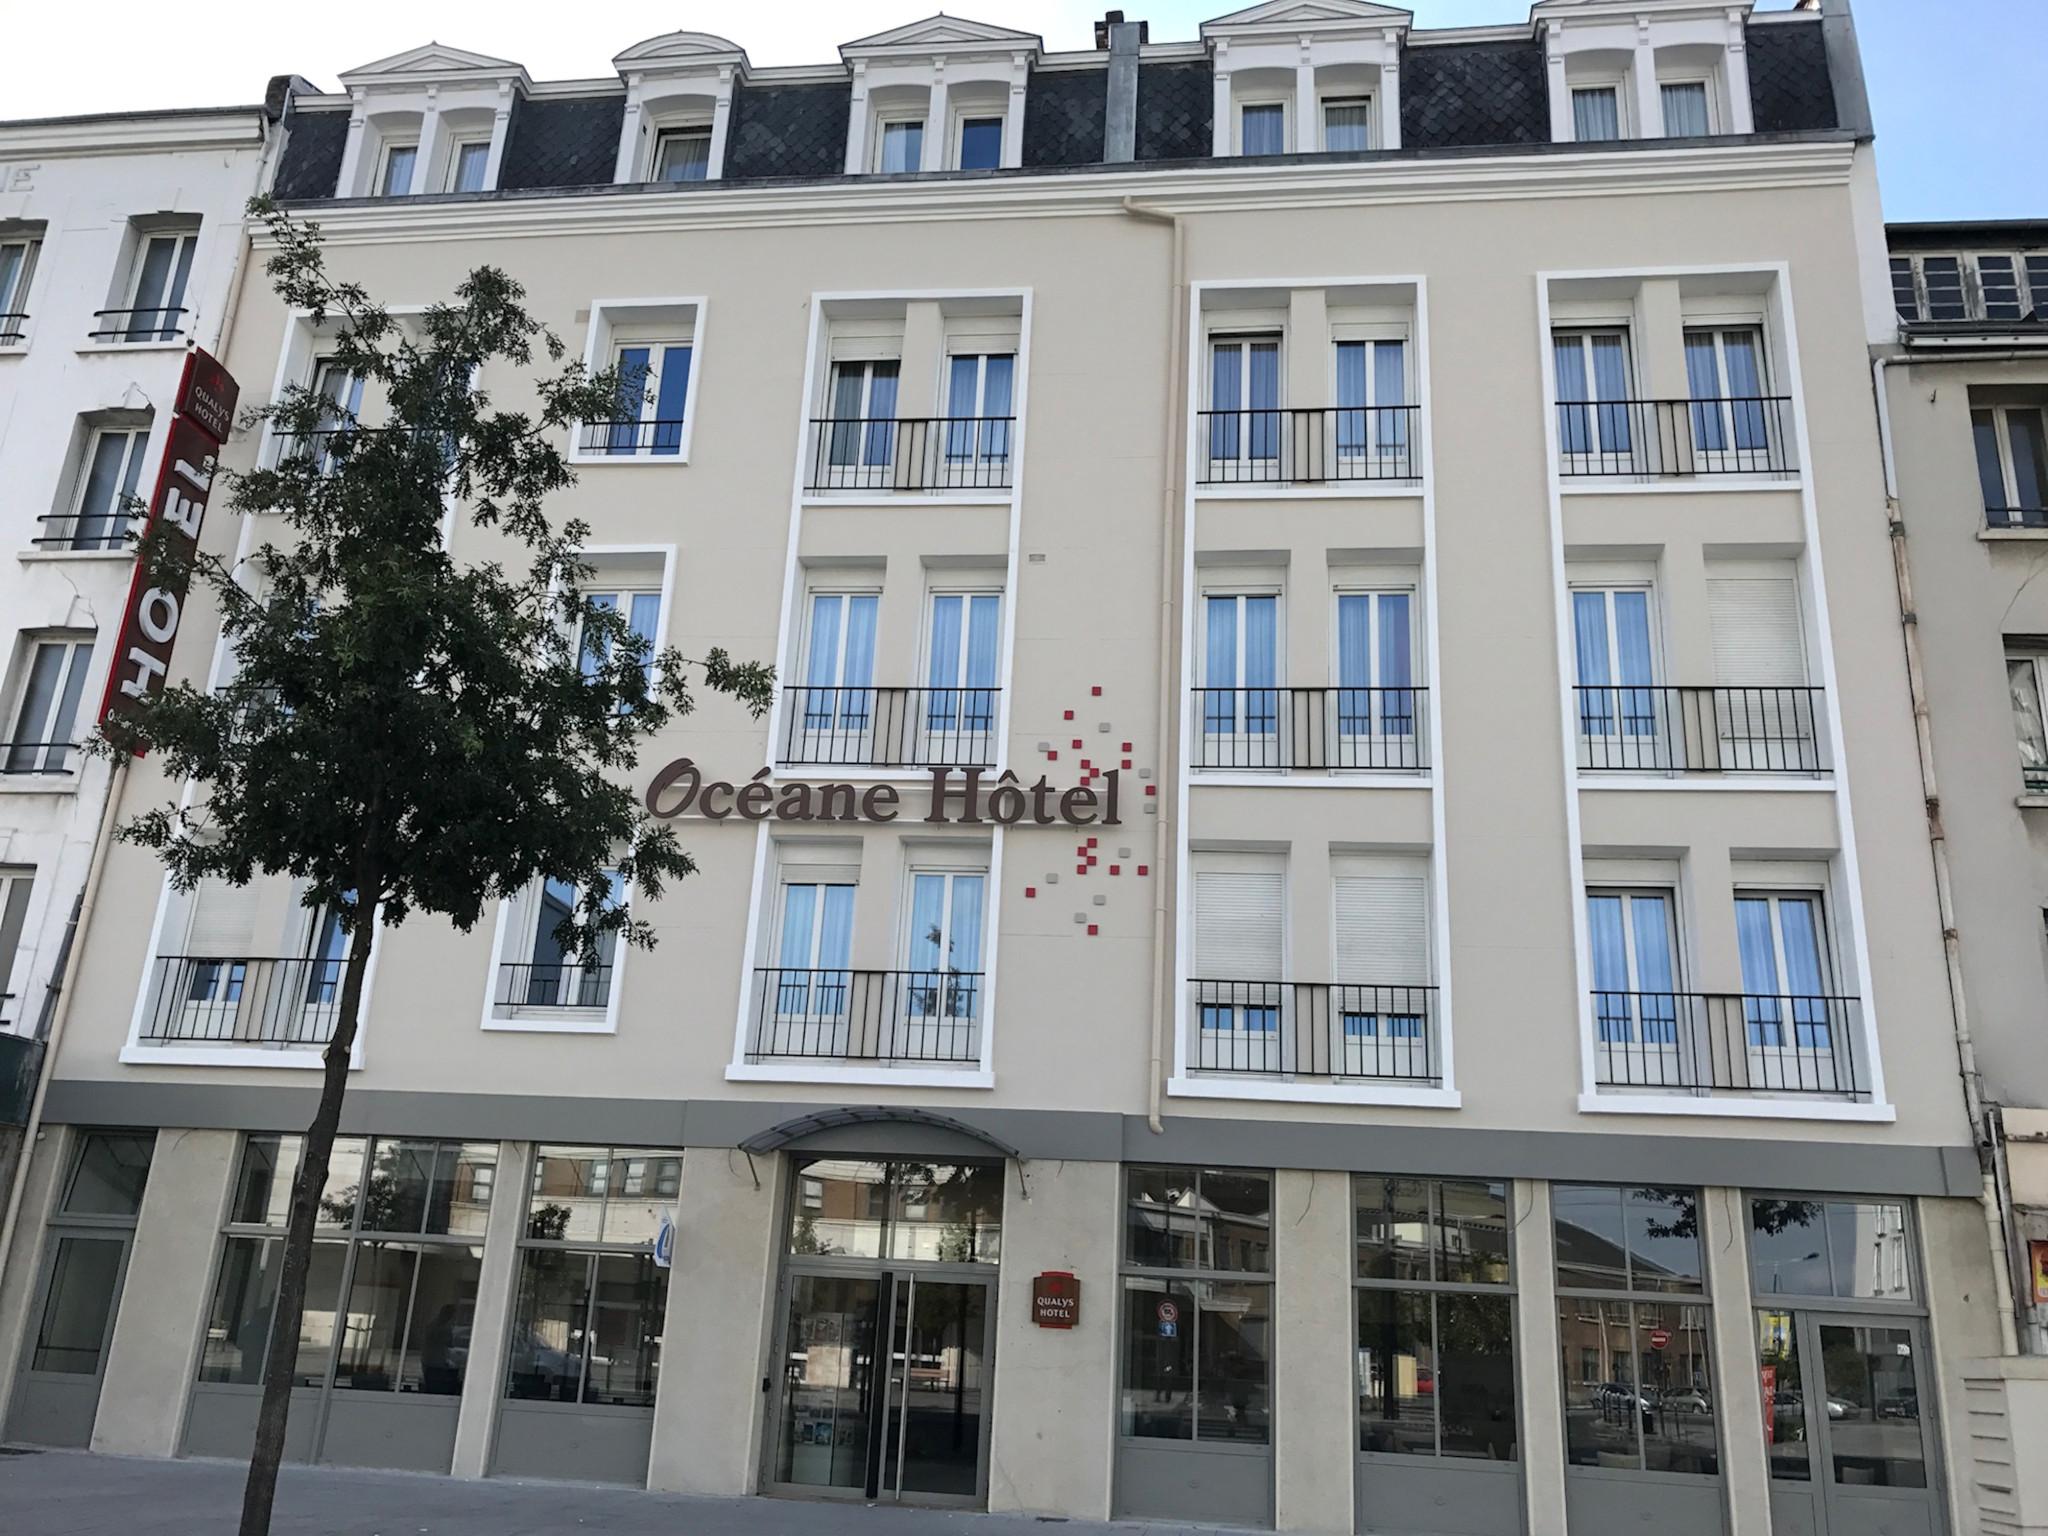 Oceane Hotel Qualys